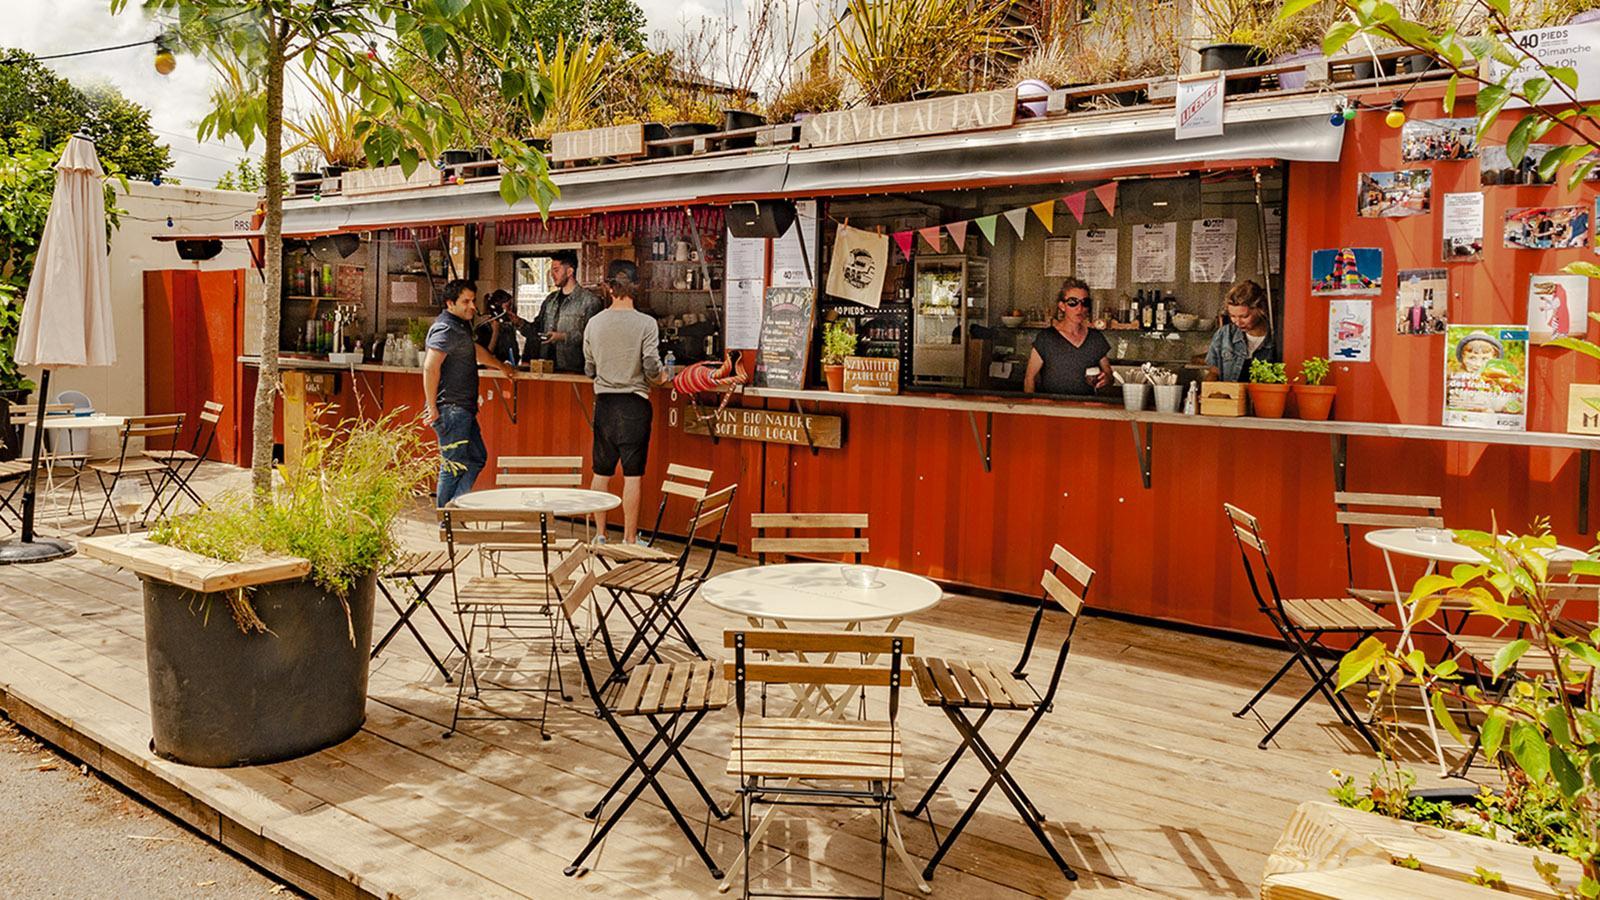 Voyage à Nantes: Freiluftbar 40 Pieds am Quai des Plantes. Foto: Hilke Maunder